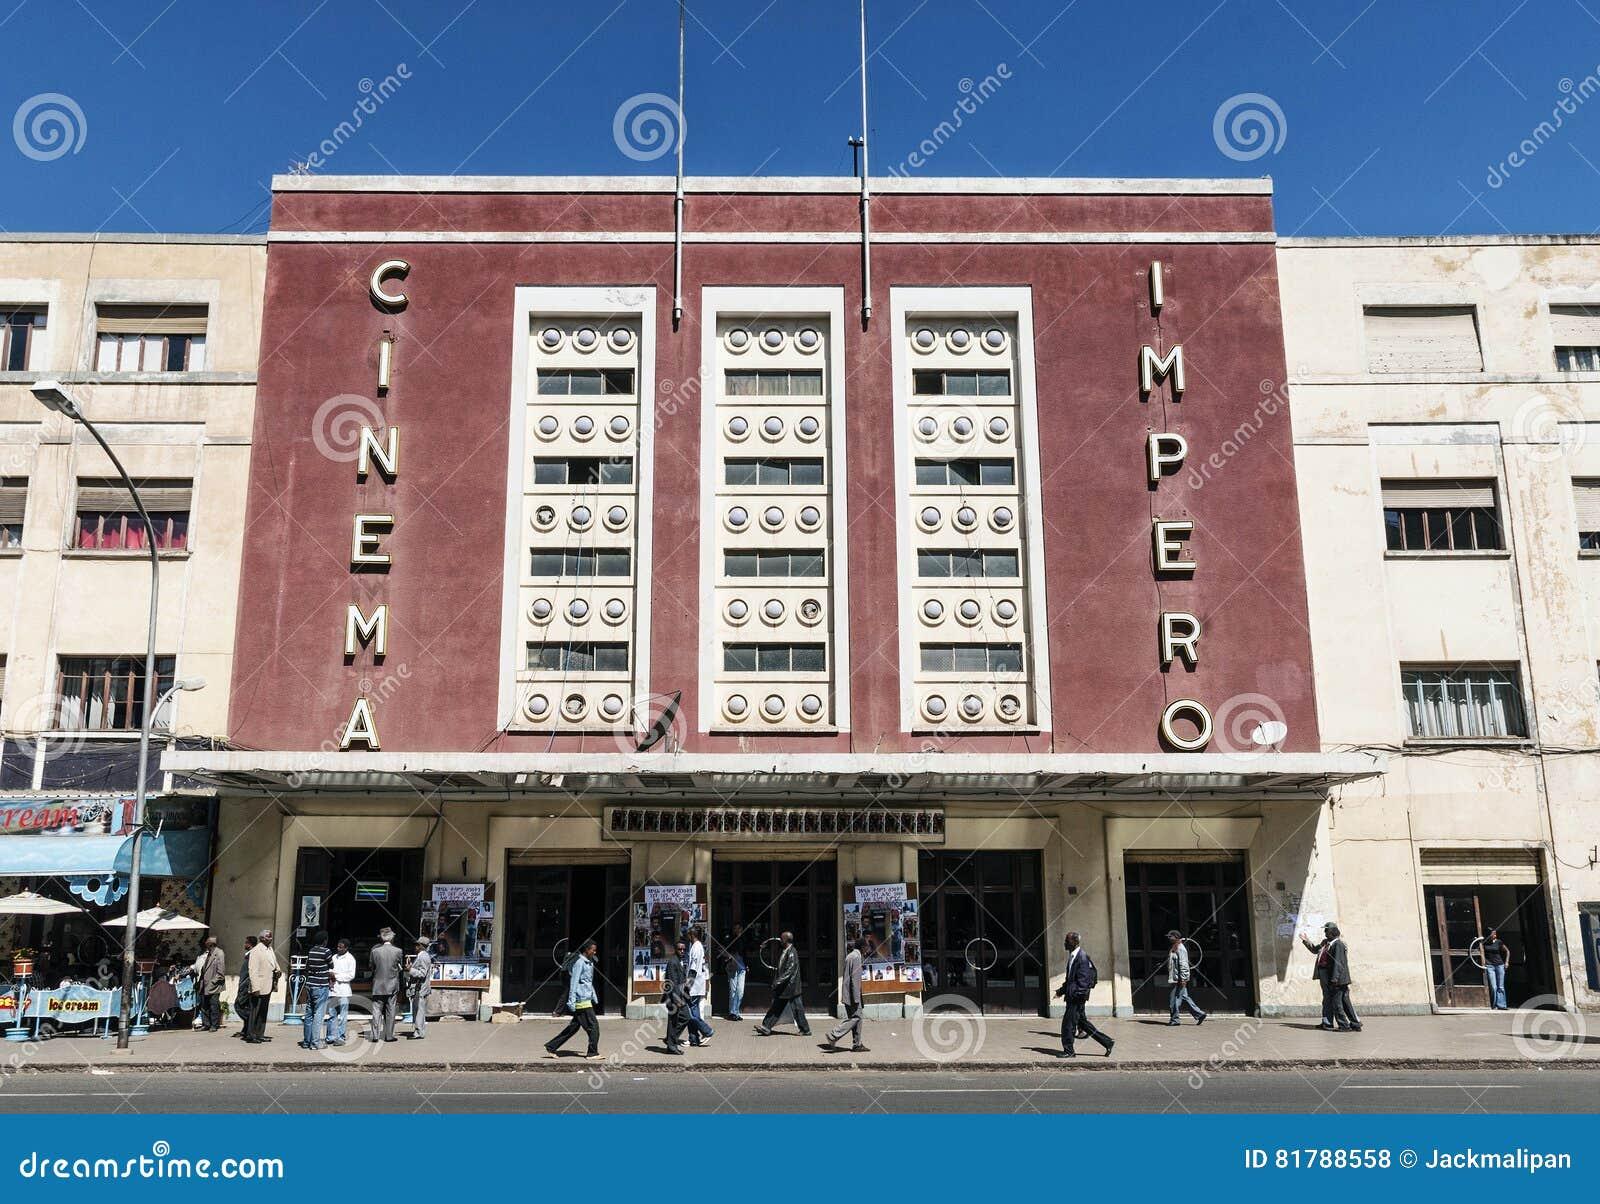 italian colonial art deco old cinema building in asmara eritrea